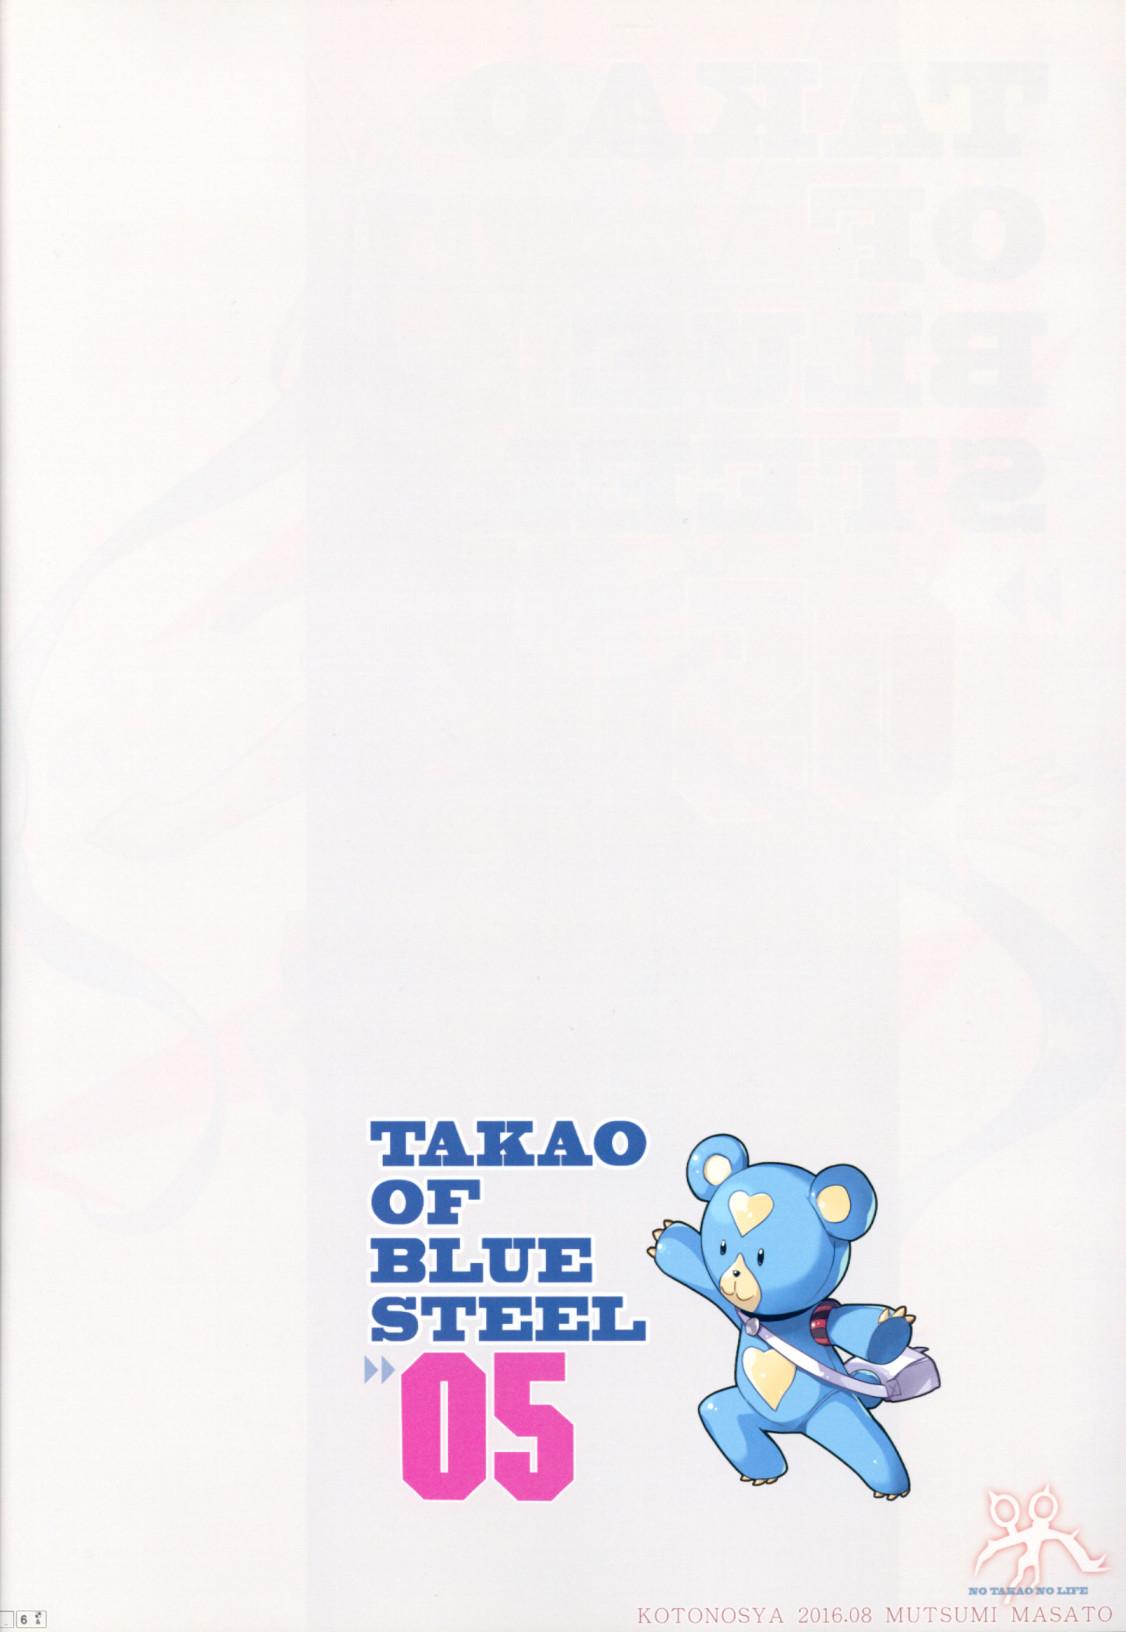 【蒼き鋼のアルペジオ エロ漫画・エロ同人誌】巨乳のタカオがショタっ子にメロメロw足コキしたりフェラチオしたり中出しセックスしてますwww (5)